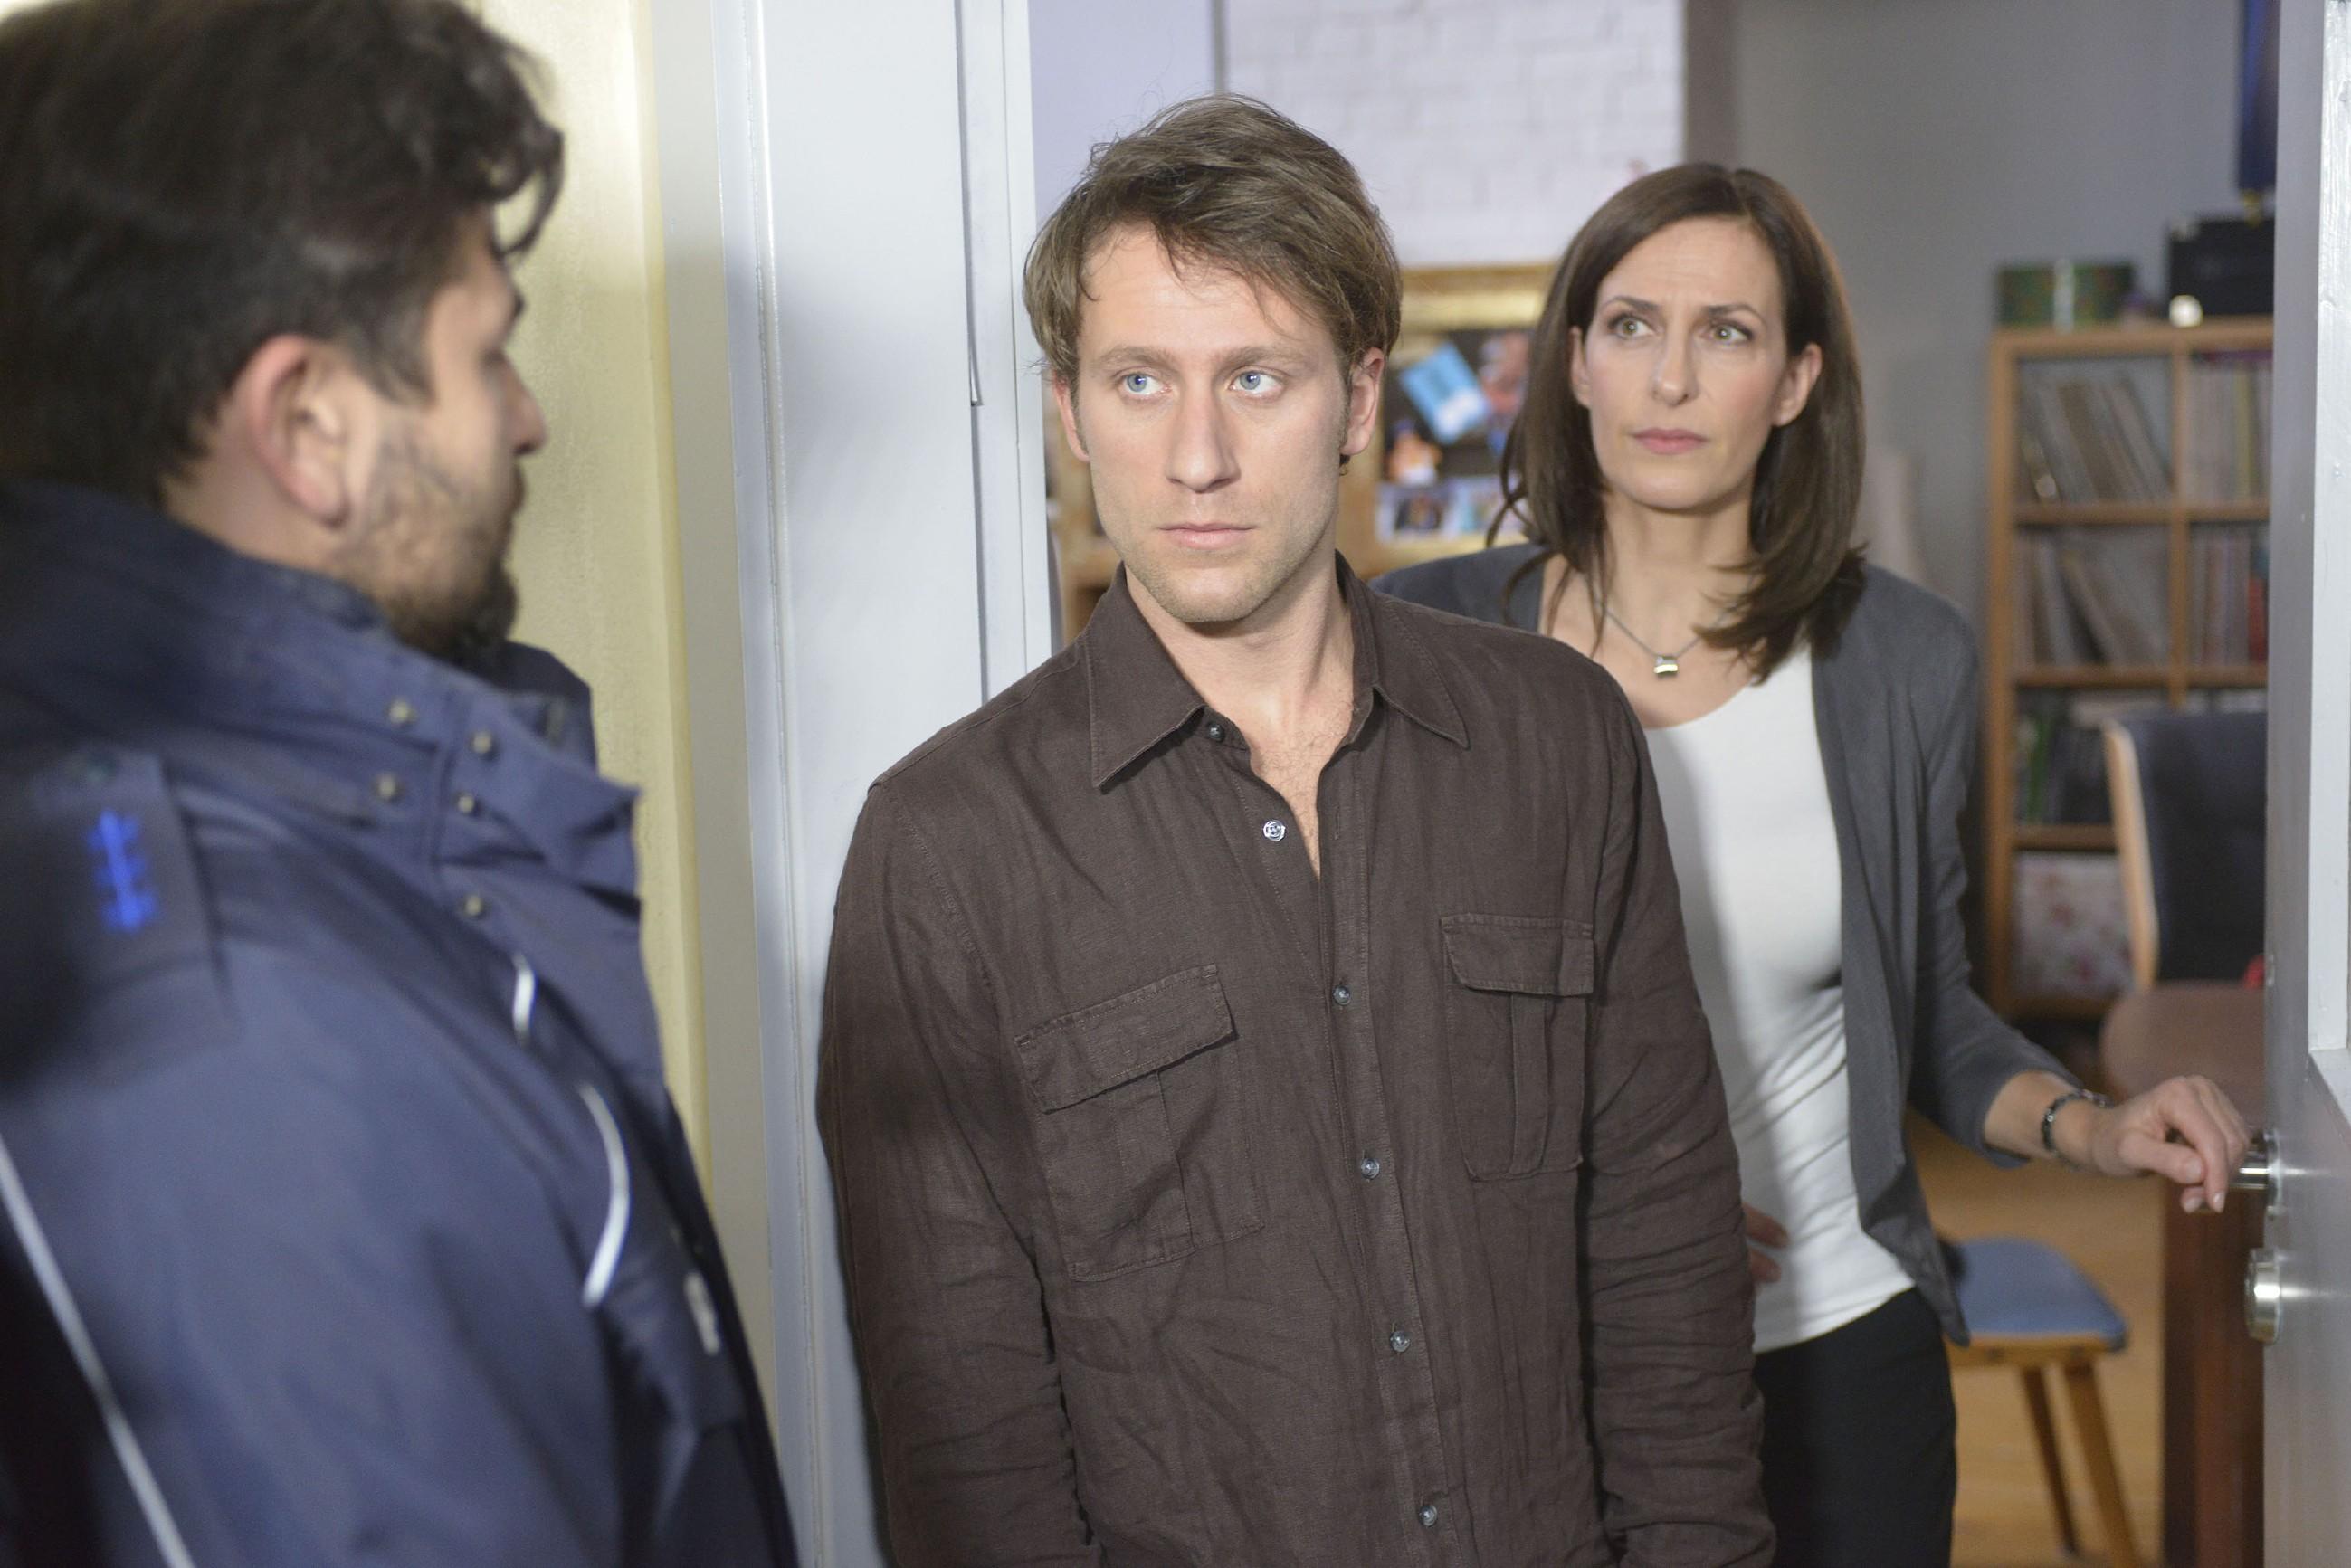 Als ein Polizist (l. Komparse) vor der Tür steht, müssen Till (Merlin Leonhardt) und Katrin (Ulrike Frank) befürchten, aufgeflogen zu sein... (Quelle: RTL / Rolf Baumgartner)